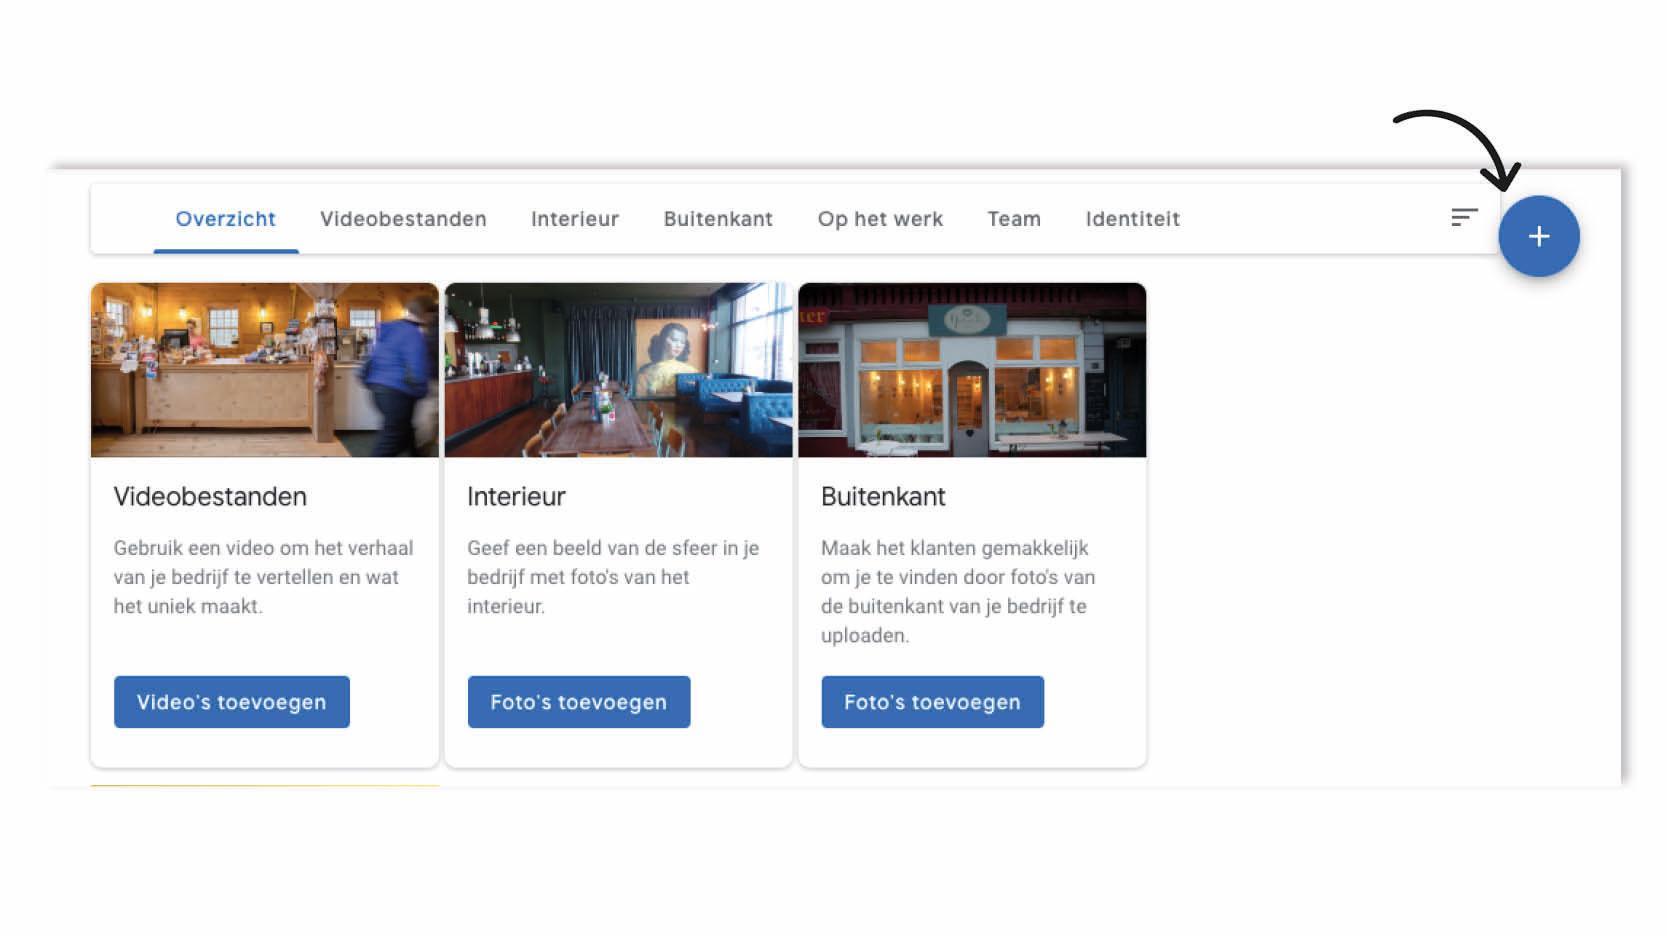 Google Mijn Bedrijf - Hoe foto's toevoegen?